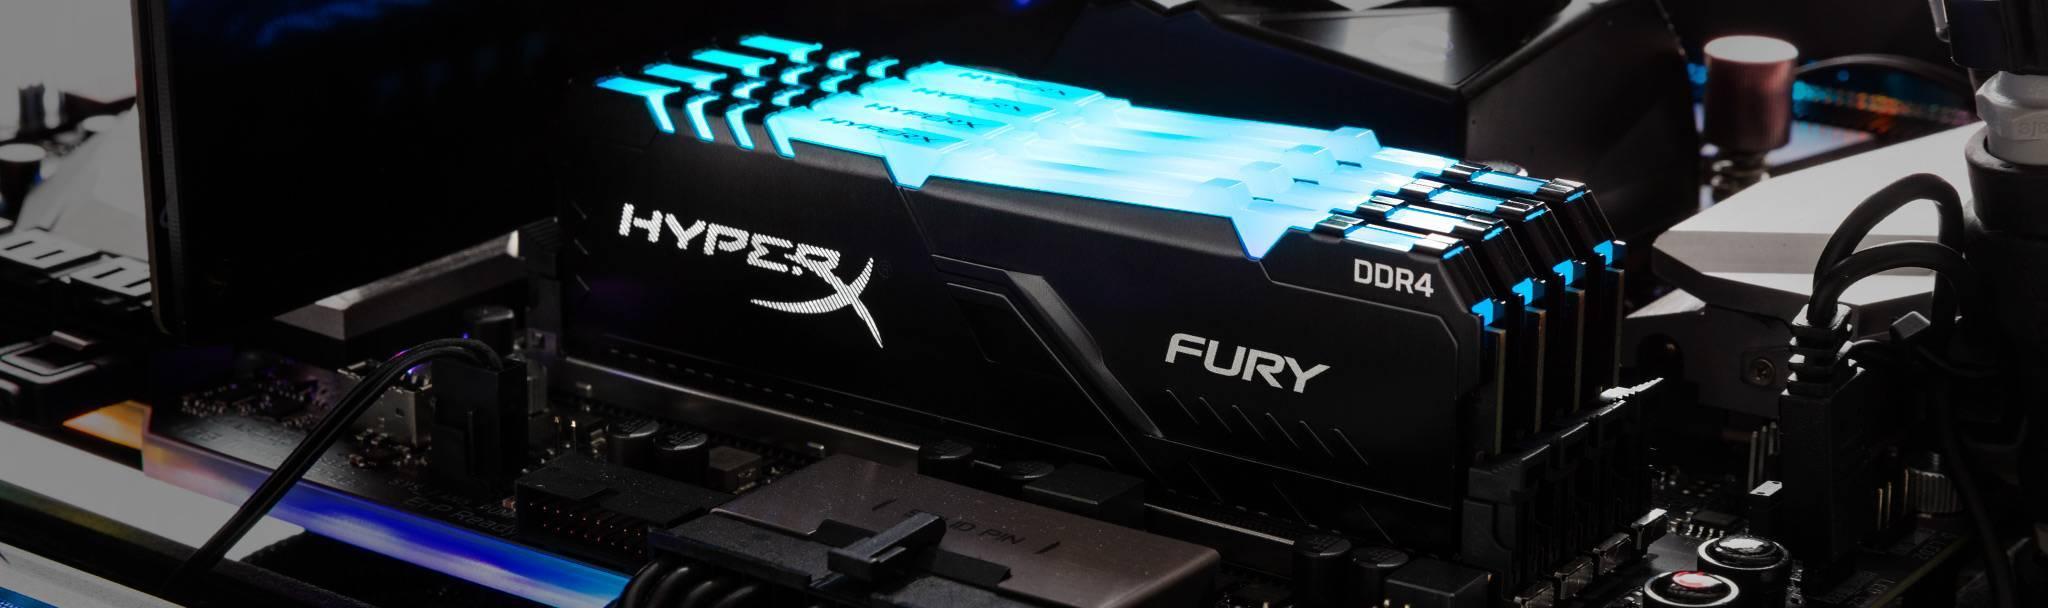 HyperX DDR4 FURY RGB 2